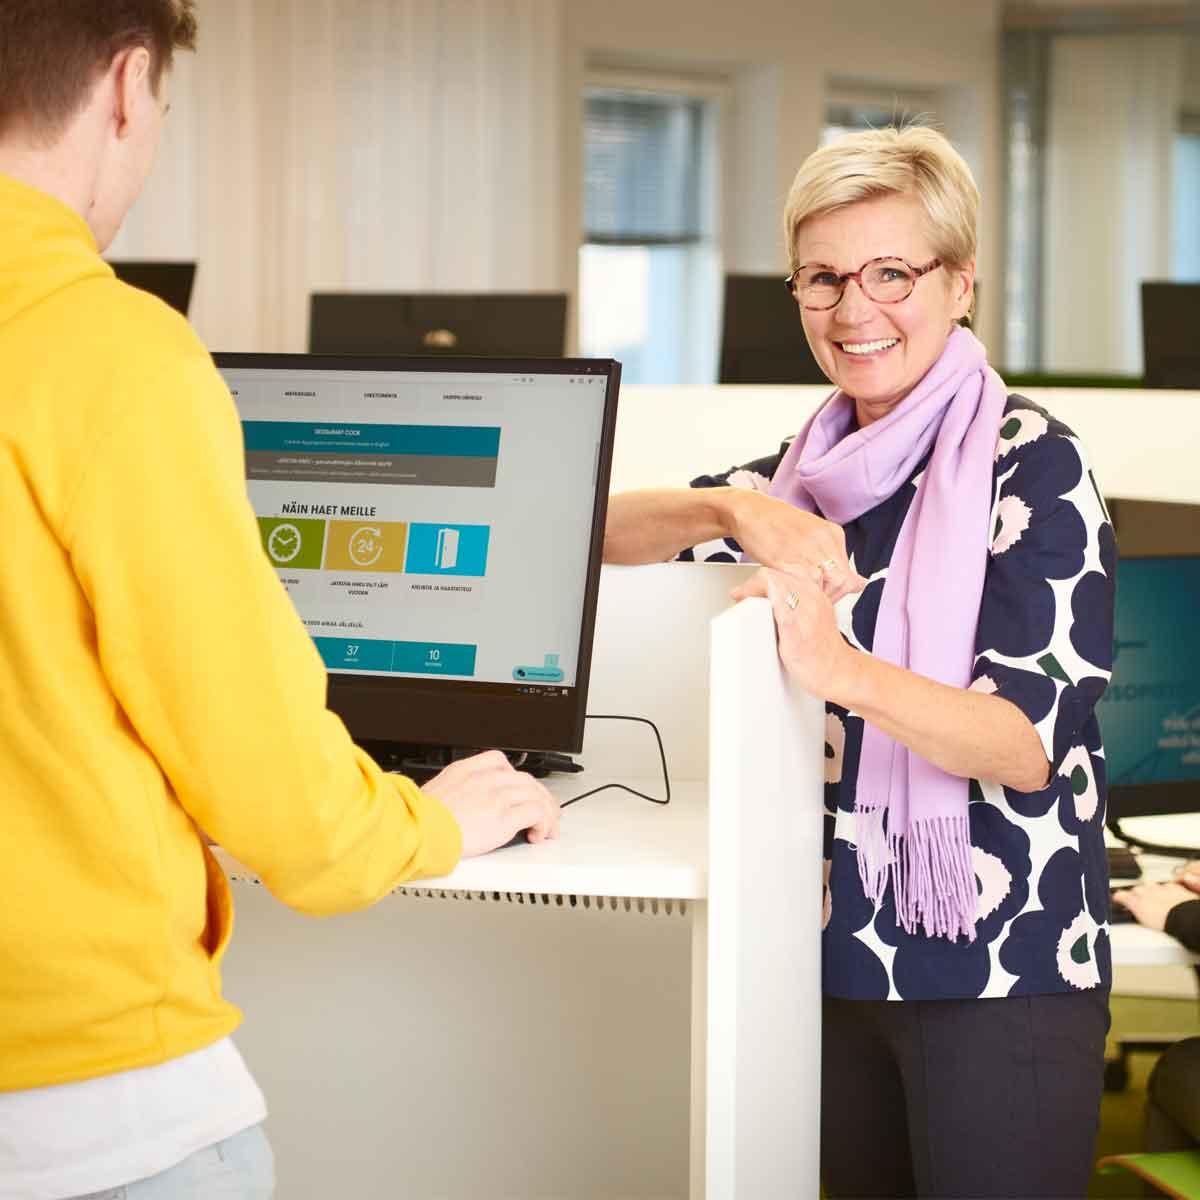 kuvituskuva: liiketoiminnan opiskeluvalmiuksia tukevat opinnot (OPI)